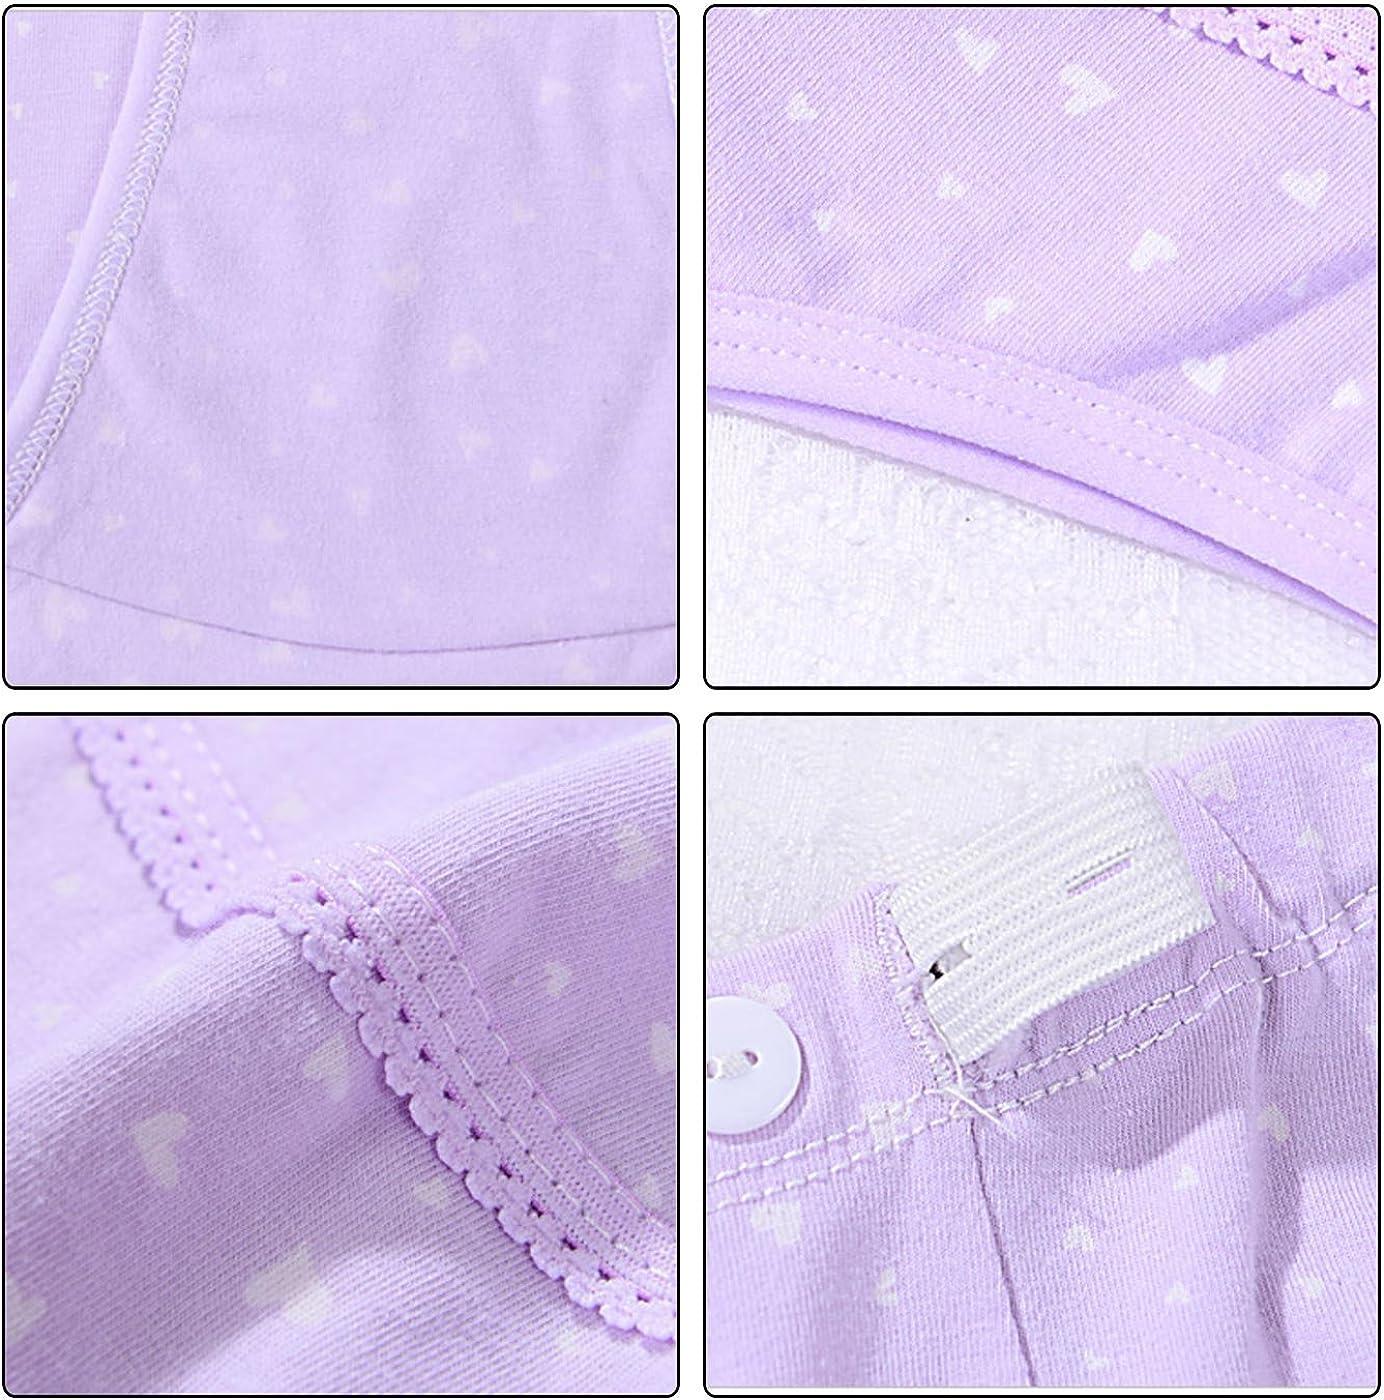 Feoya Mujer Bragas Maternidad Algod/ón para Embarazadas Calzoncillo Ajustable de Pre-mam/á Cintura Alta Apoyo el Vientre Pregnant Underwear Paquete de 3 Patr/ón Corazones P/úrpura//Rosa//Amarillo XXL